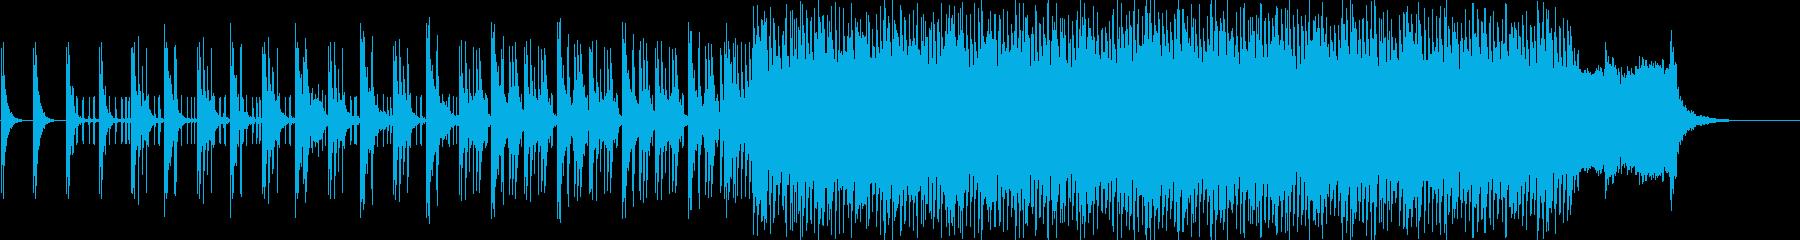 追跡シーン向けの緊迫感あるミニマルテクノの再生済みの波形